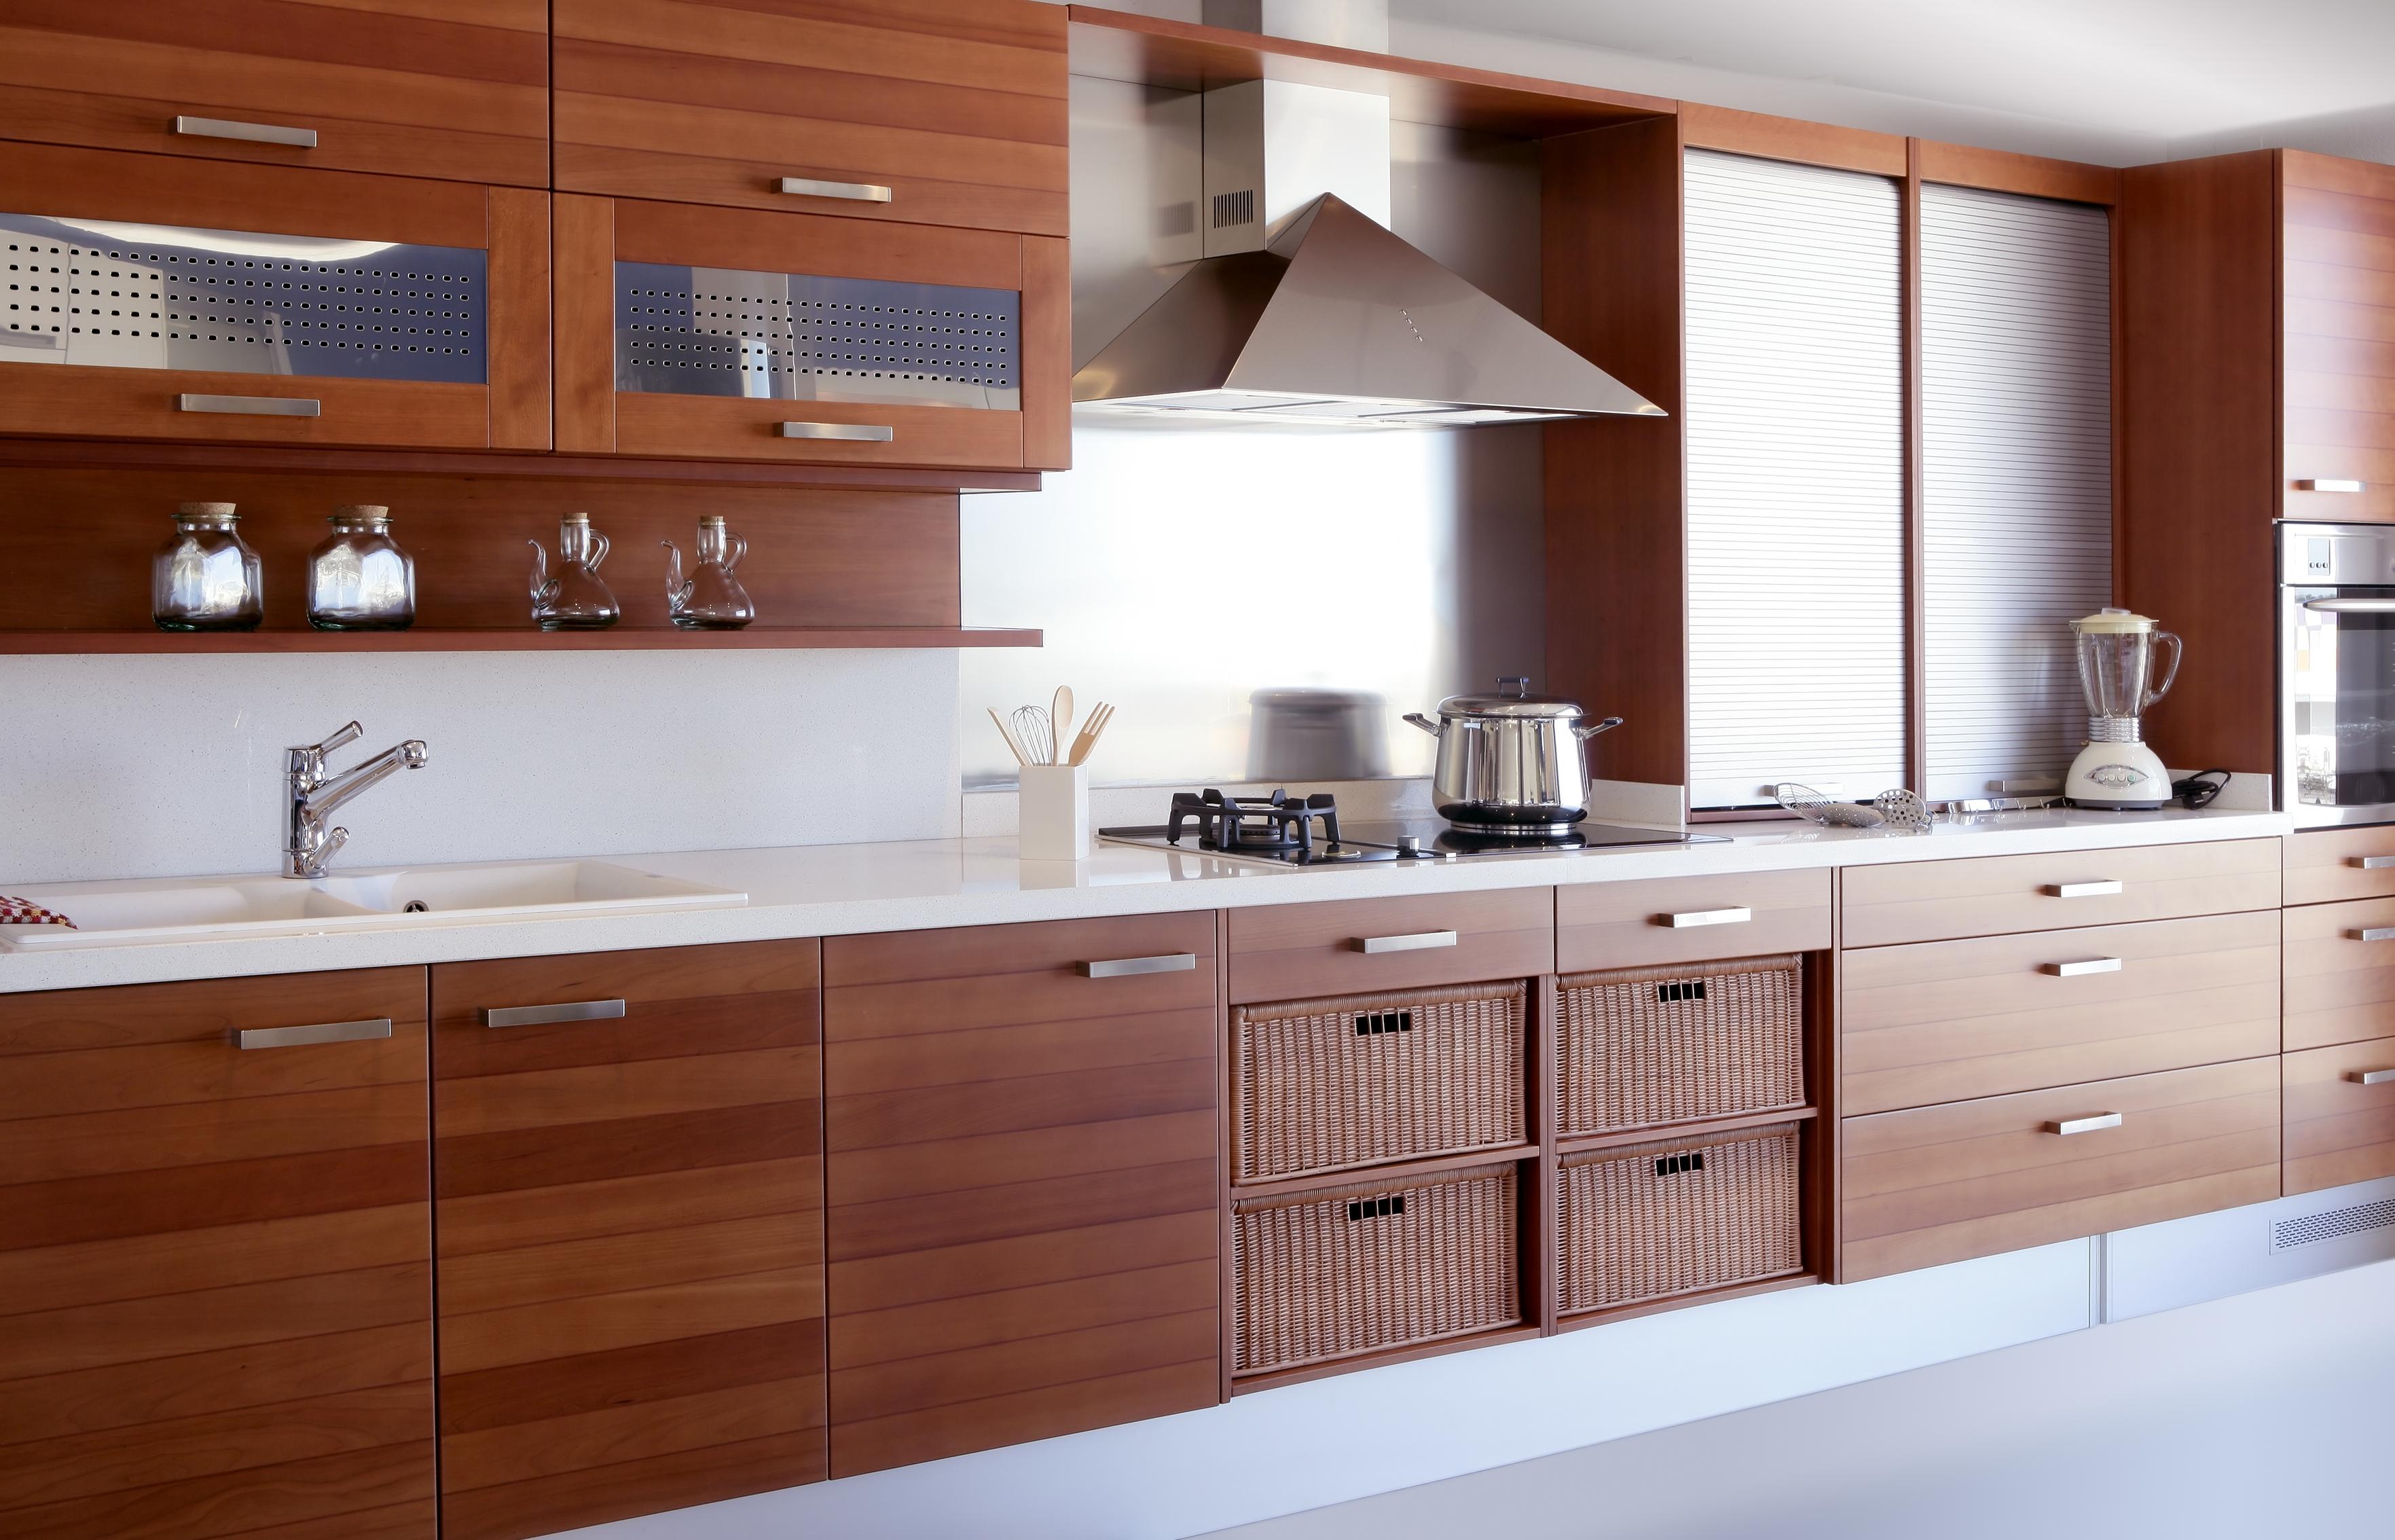 Cocina extra grande color madera